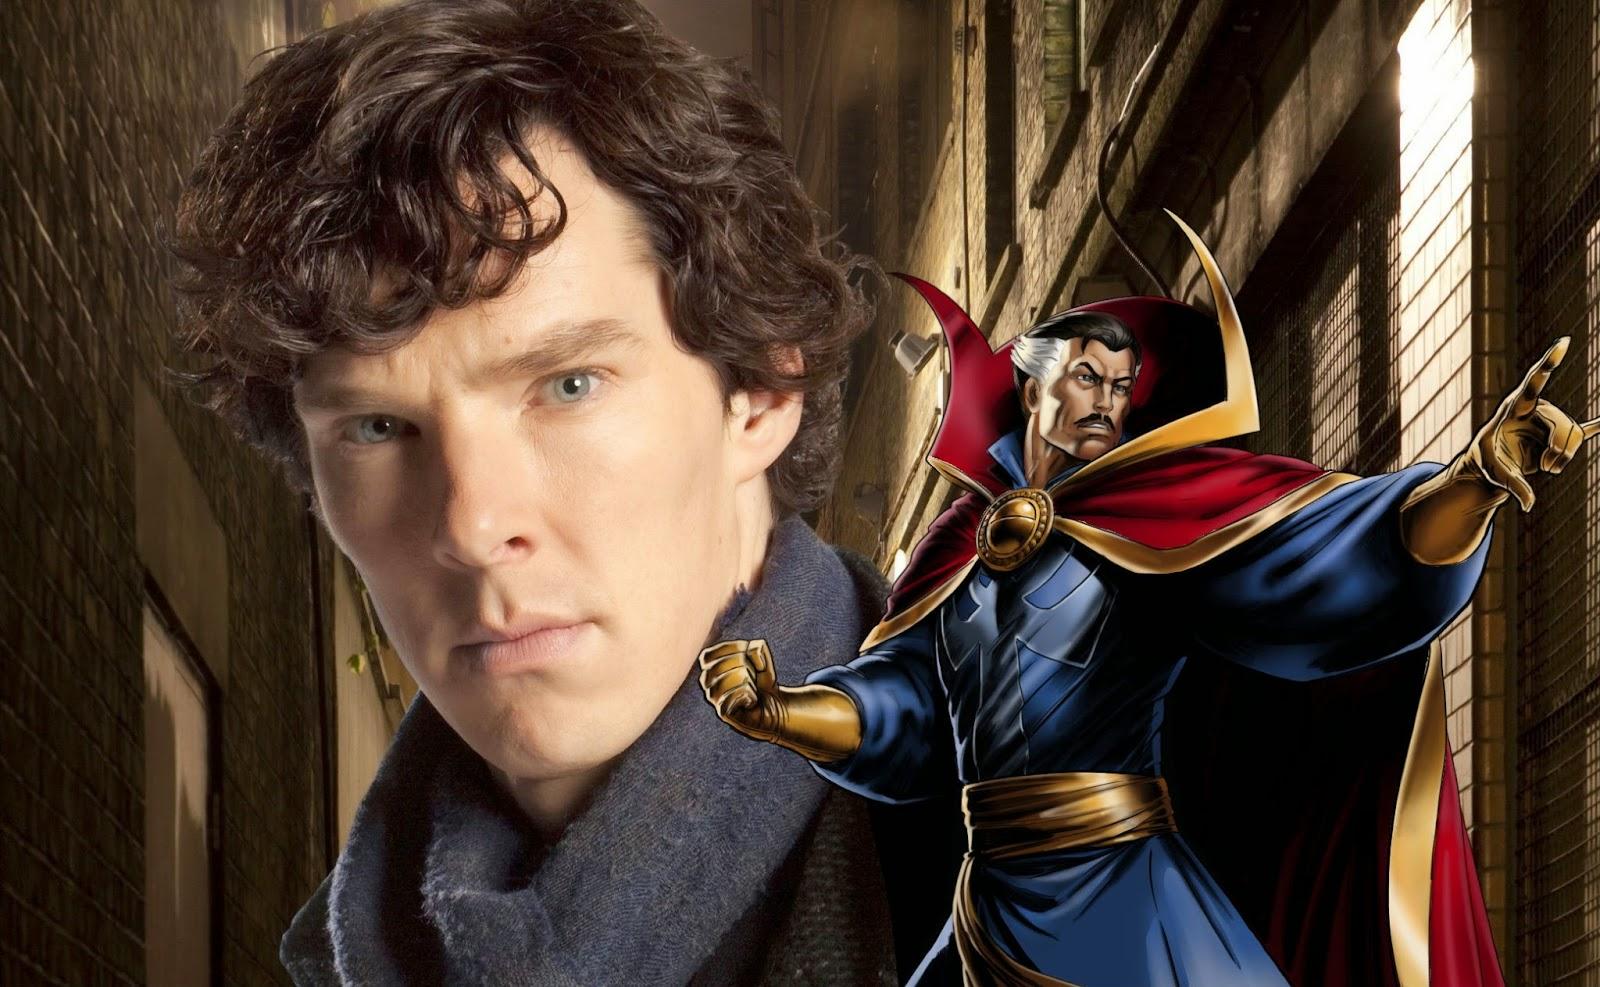 d2a10e5ce66 El cotizado actor quien supo brillar en la TV con Sherlock se suma al  universo más lucrativo de los últimos años.